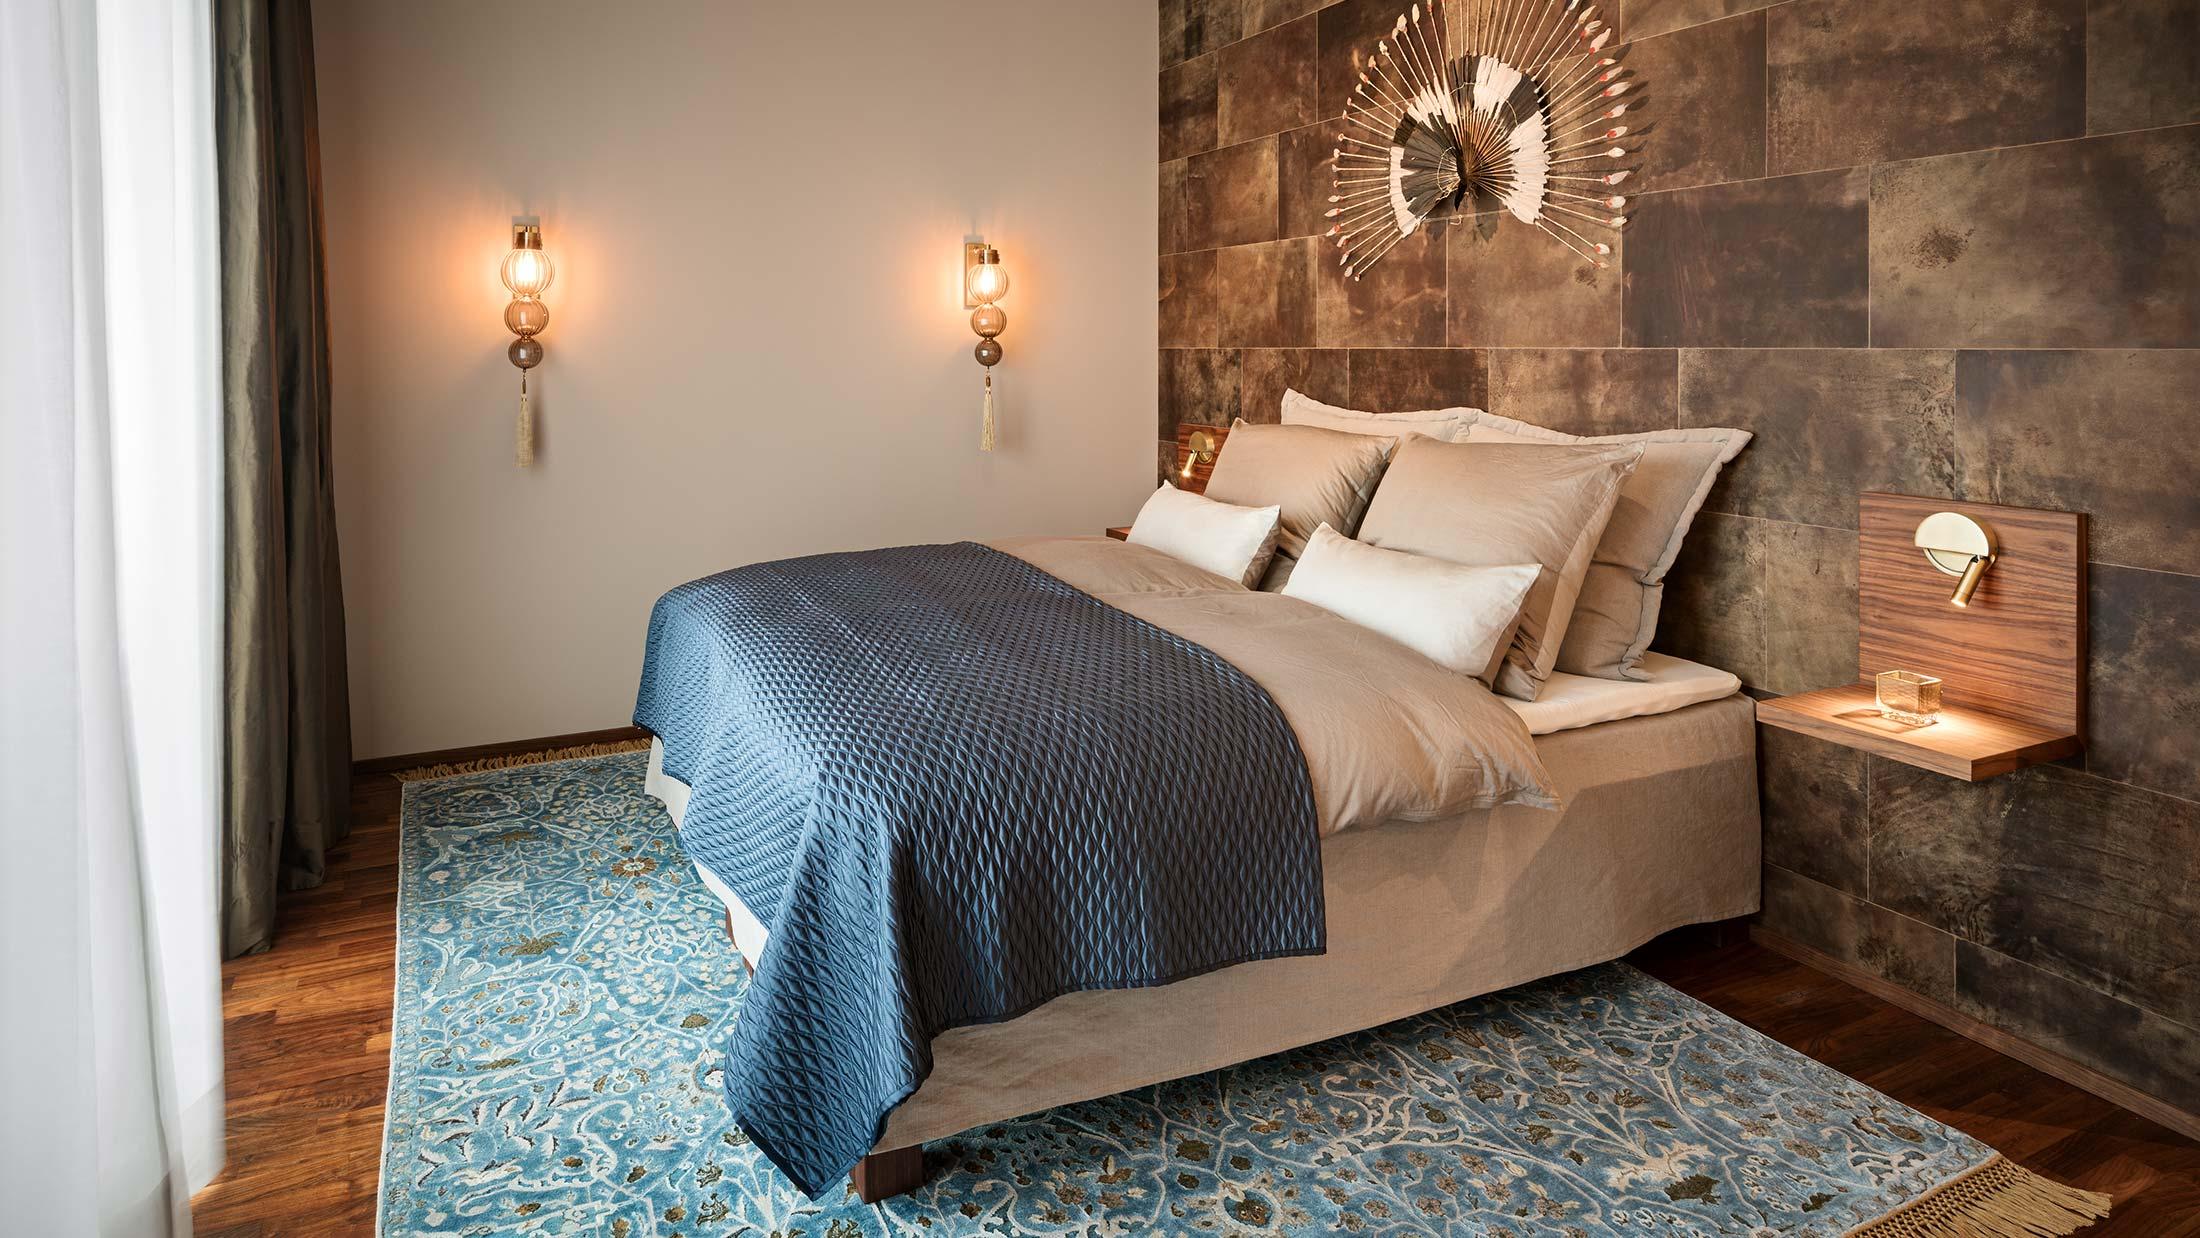 Penthouse Fünf Morgen: Luxuriöses Schlafzimmer mit metallfreiem Bio Boxspringbett und markanter Lederwand